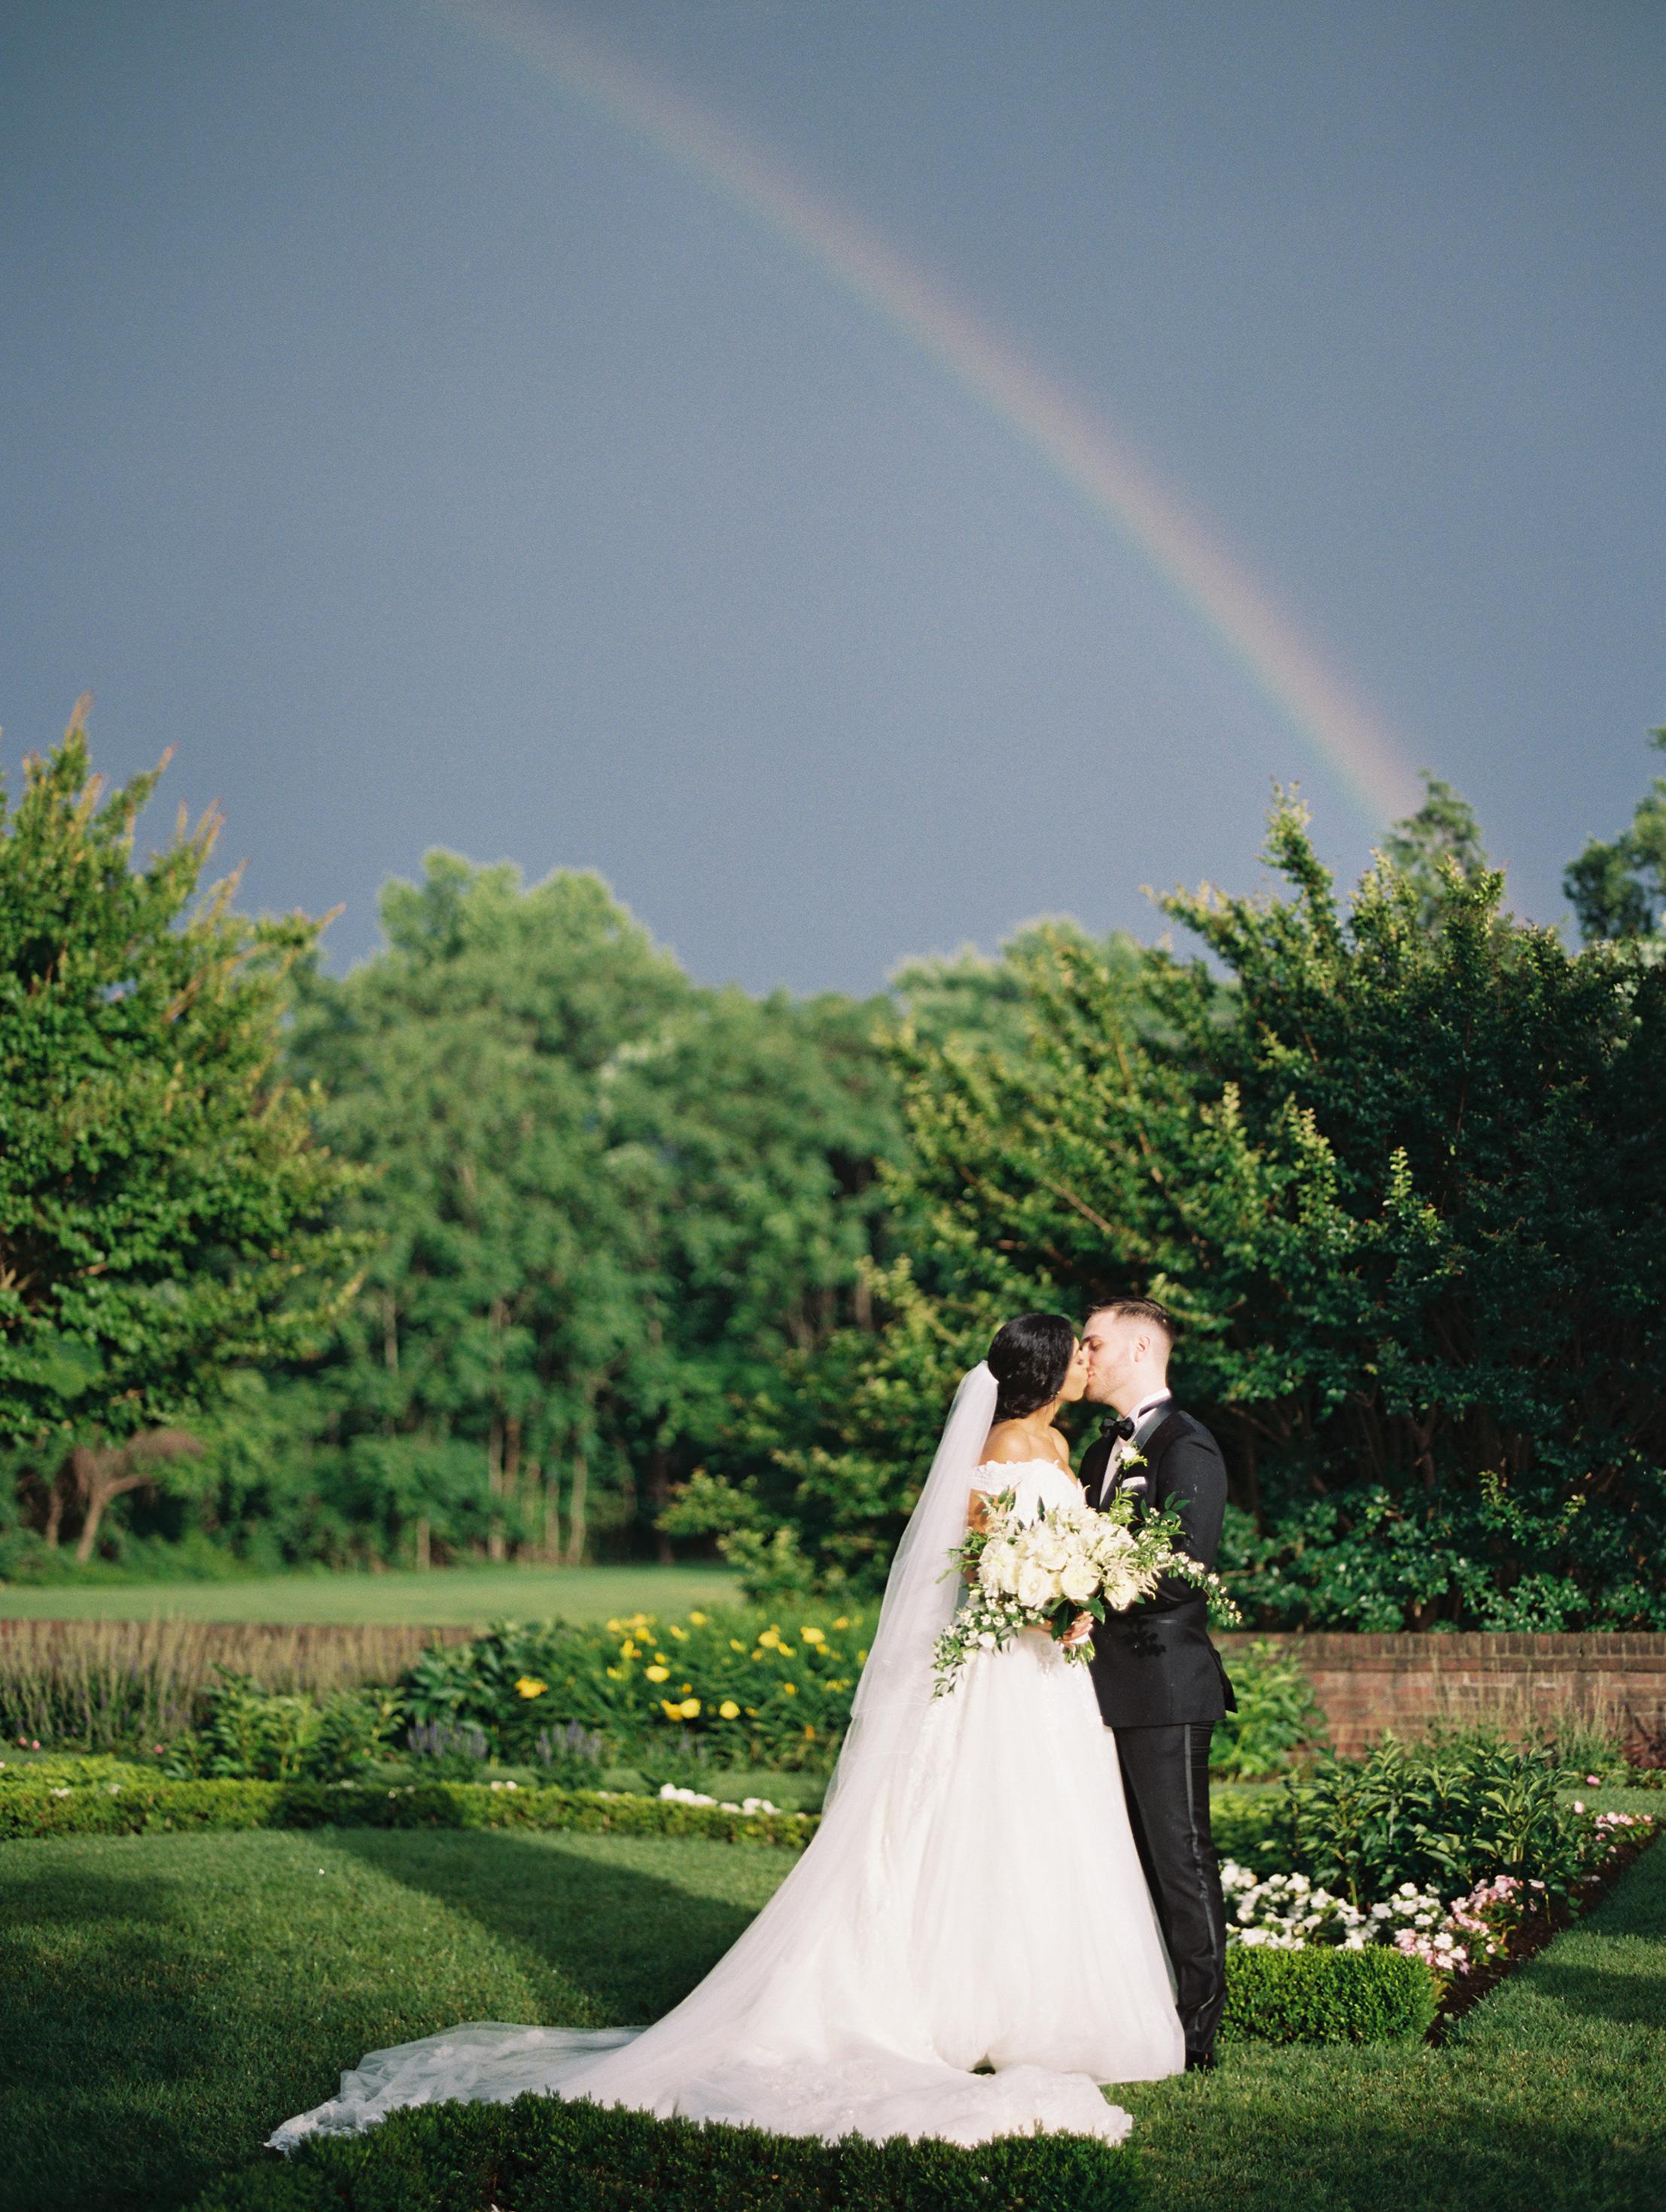 macey joshua wedding couple rainbow